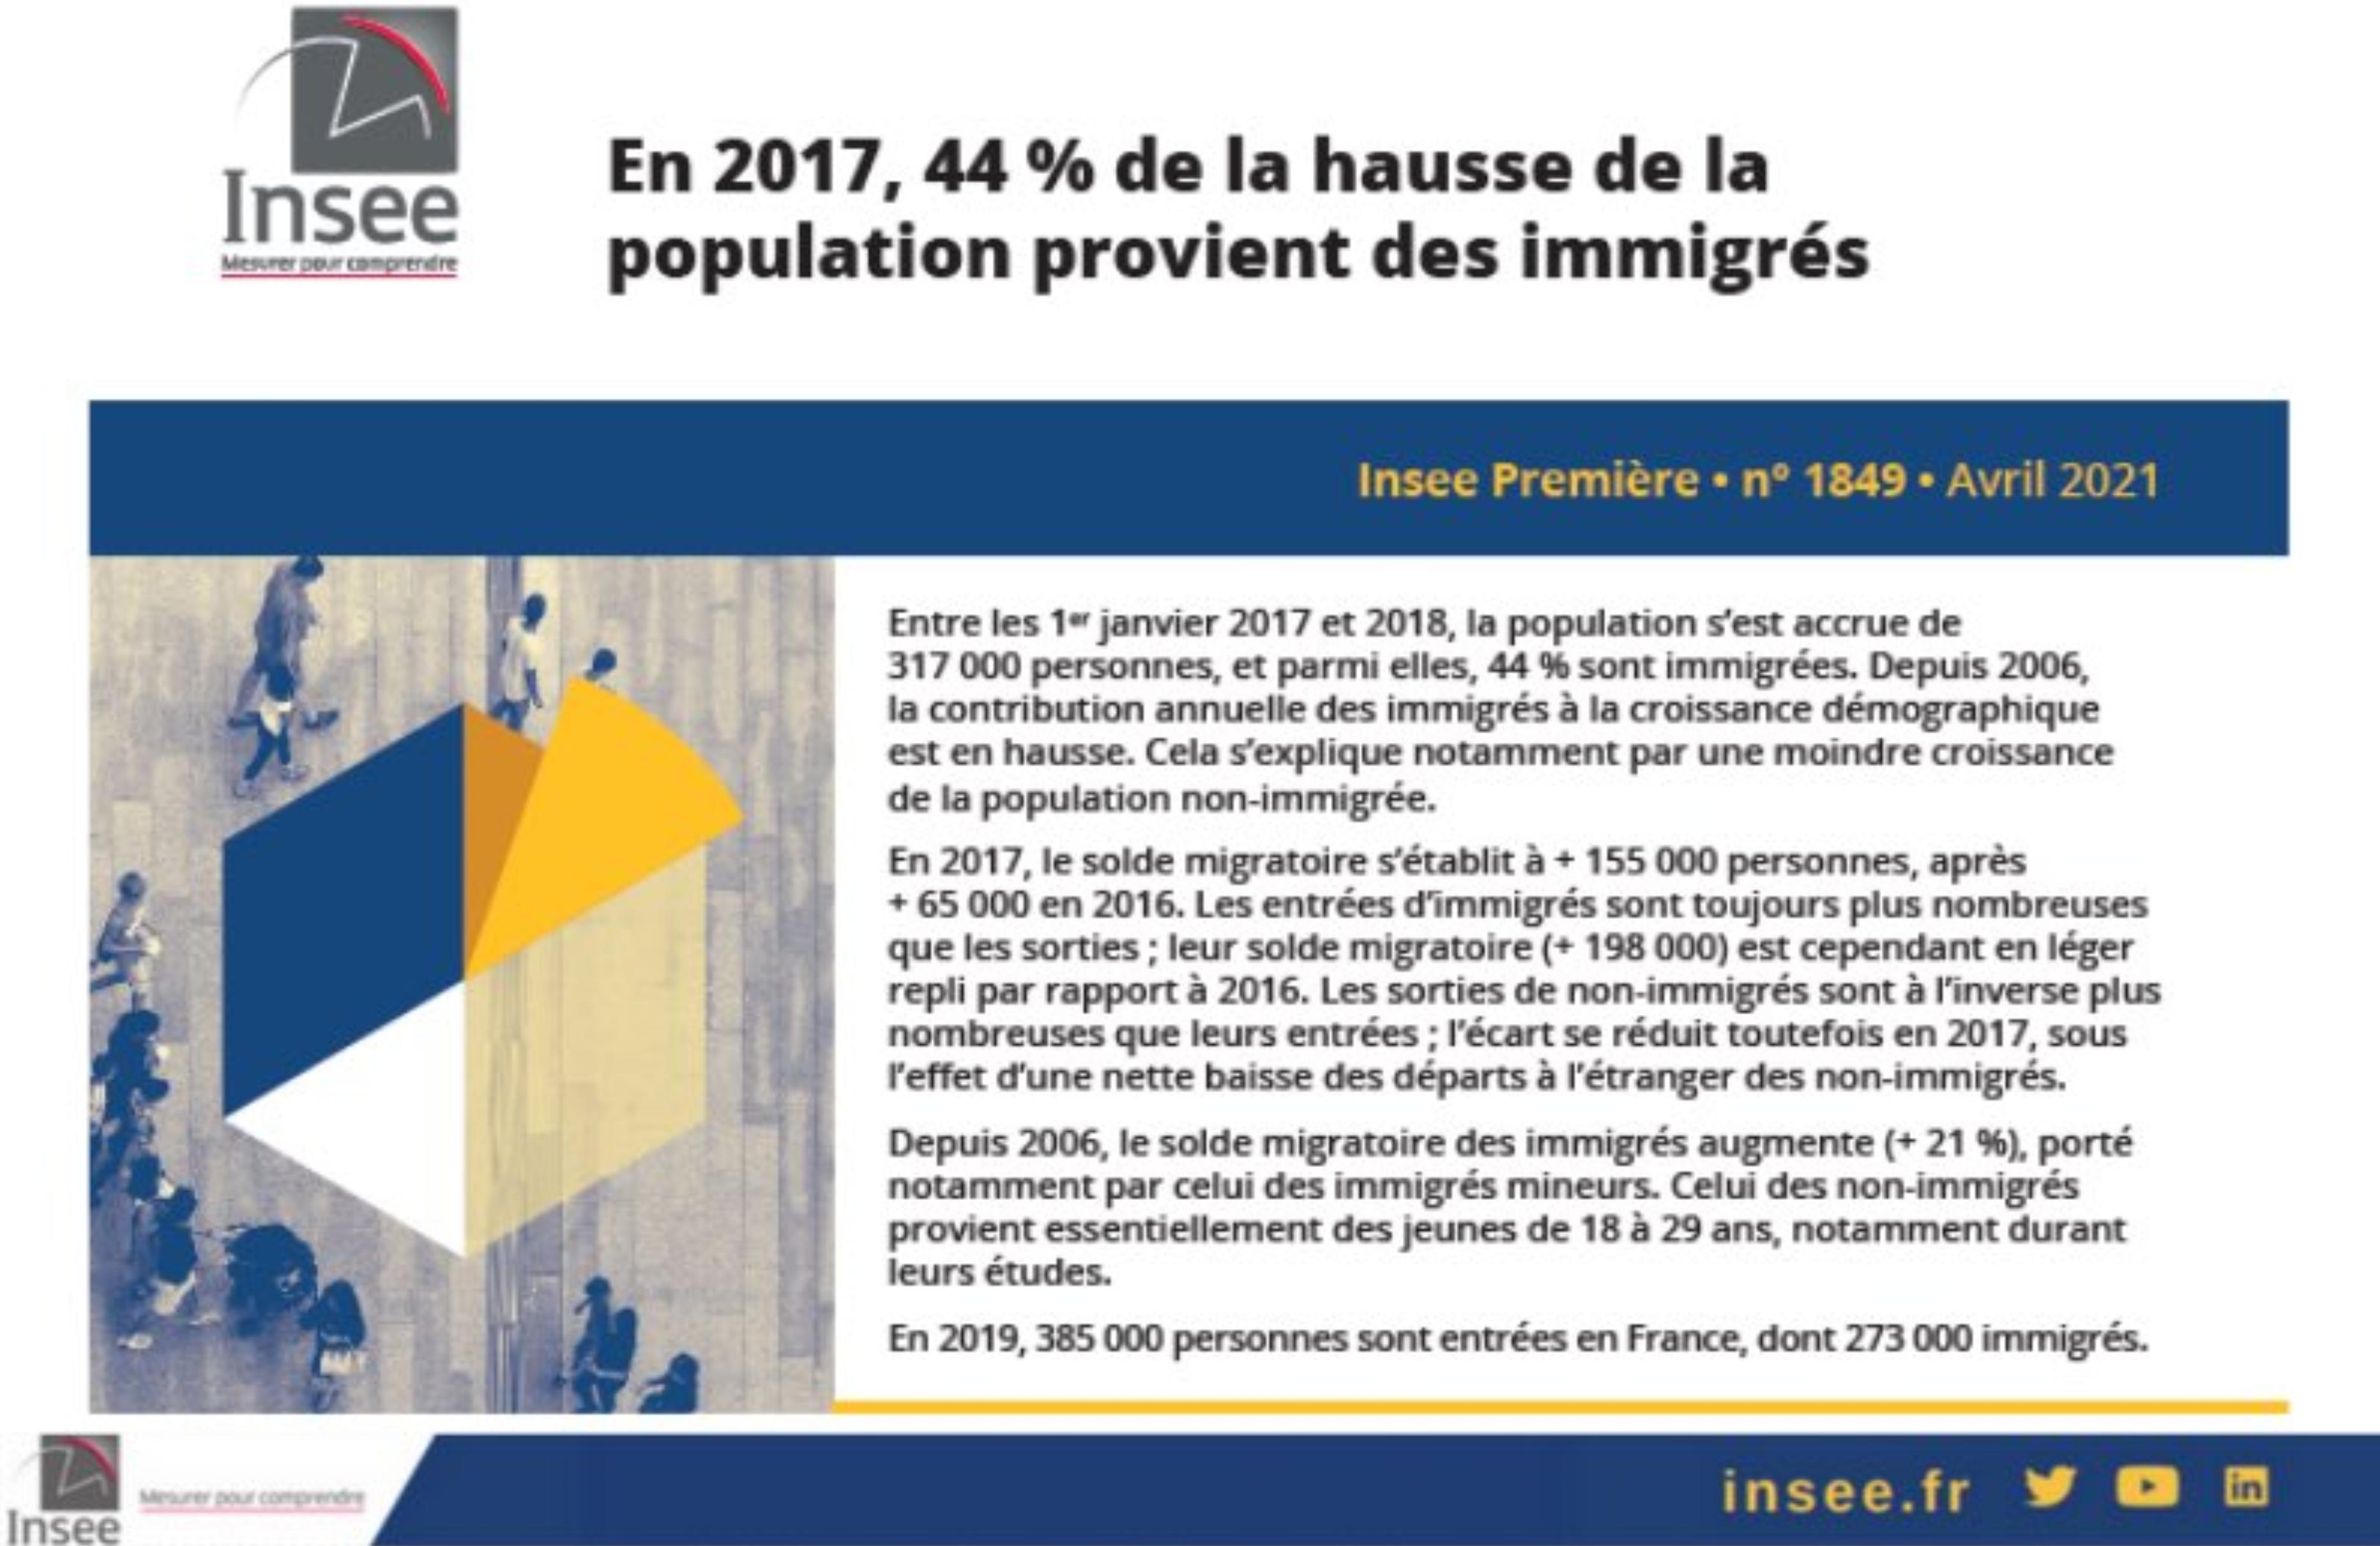 44% de la hausse de la population provient des immigrés (et on ne parle pas des enfants d'immigrés ou des petits enfants d'immigrés…)